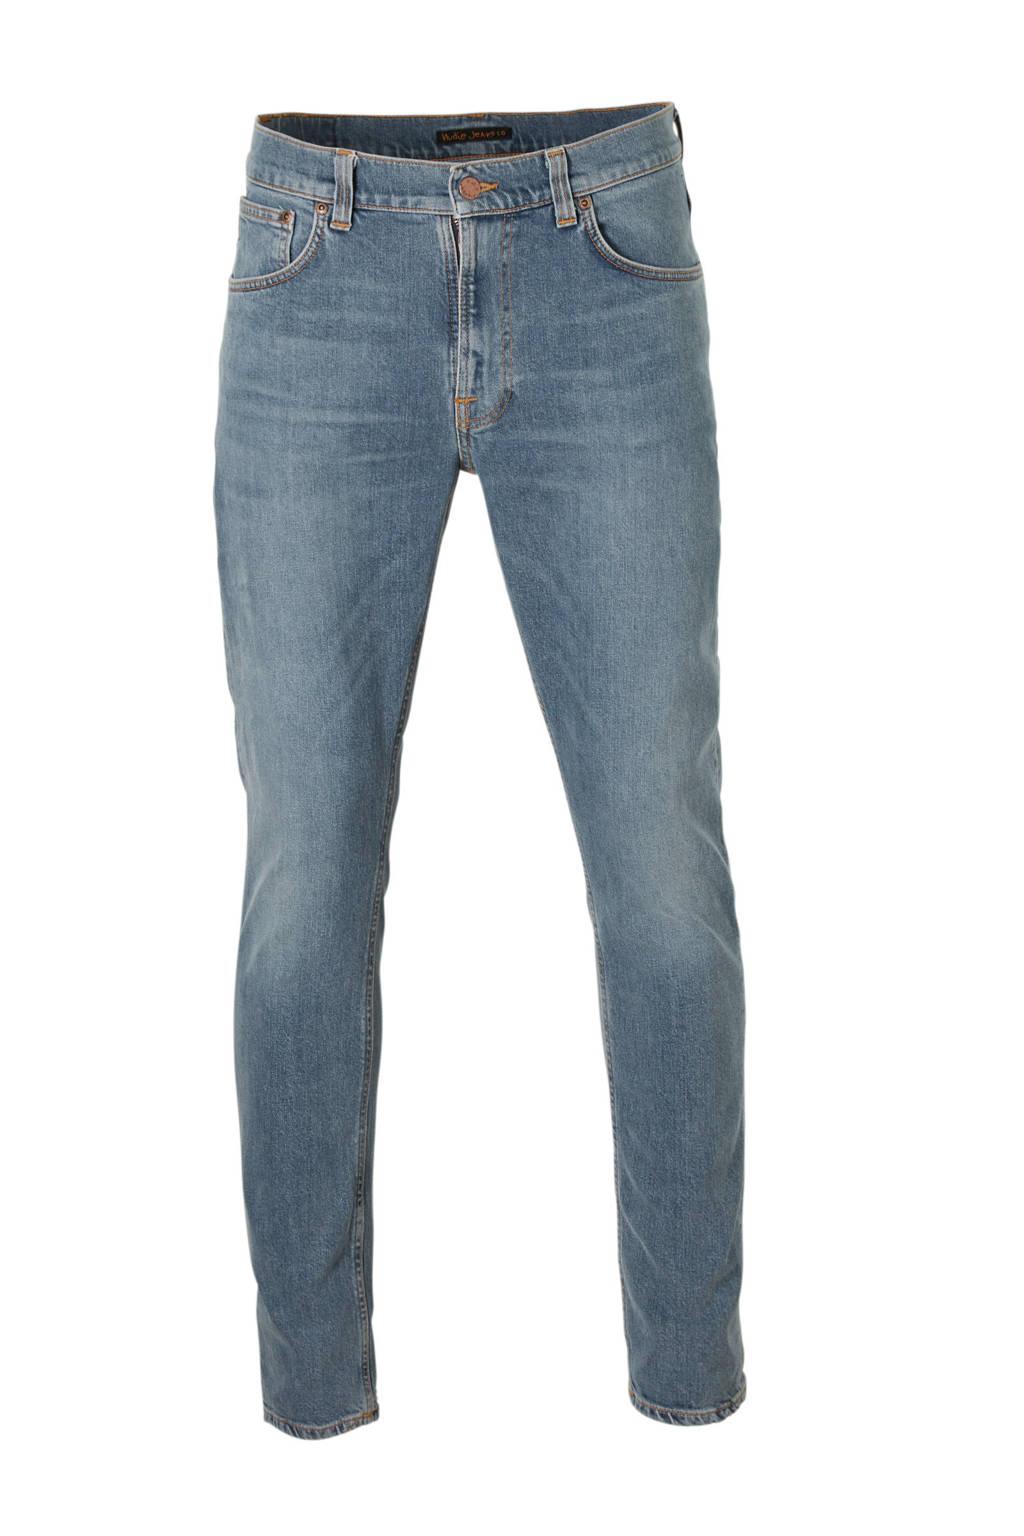 Nudie Jeans slim fit jeans Lean Dean, Light denim